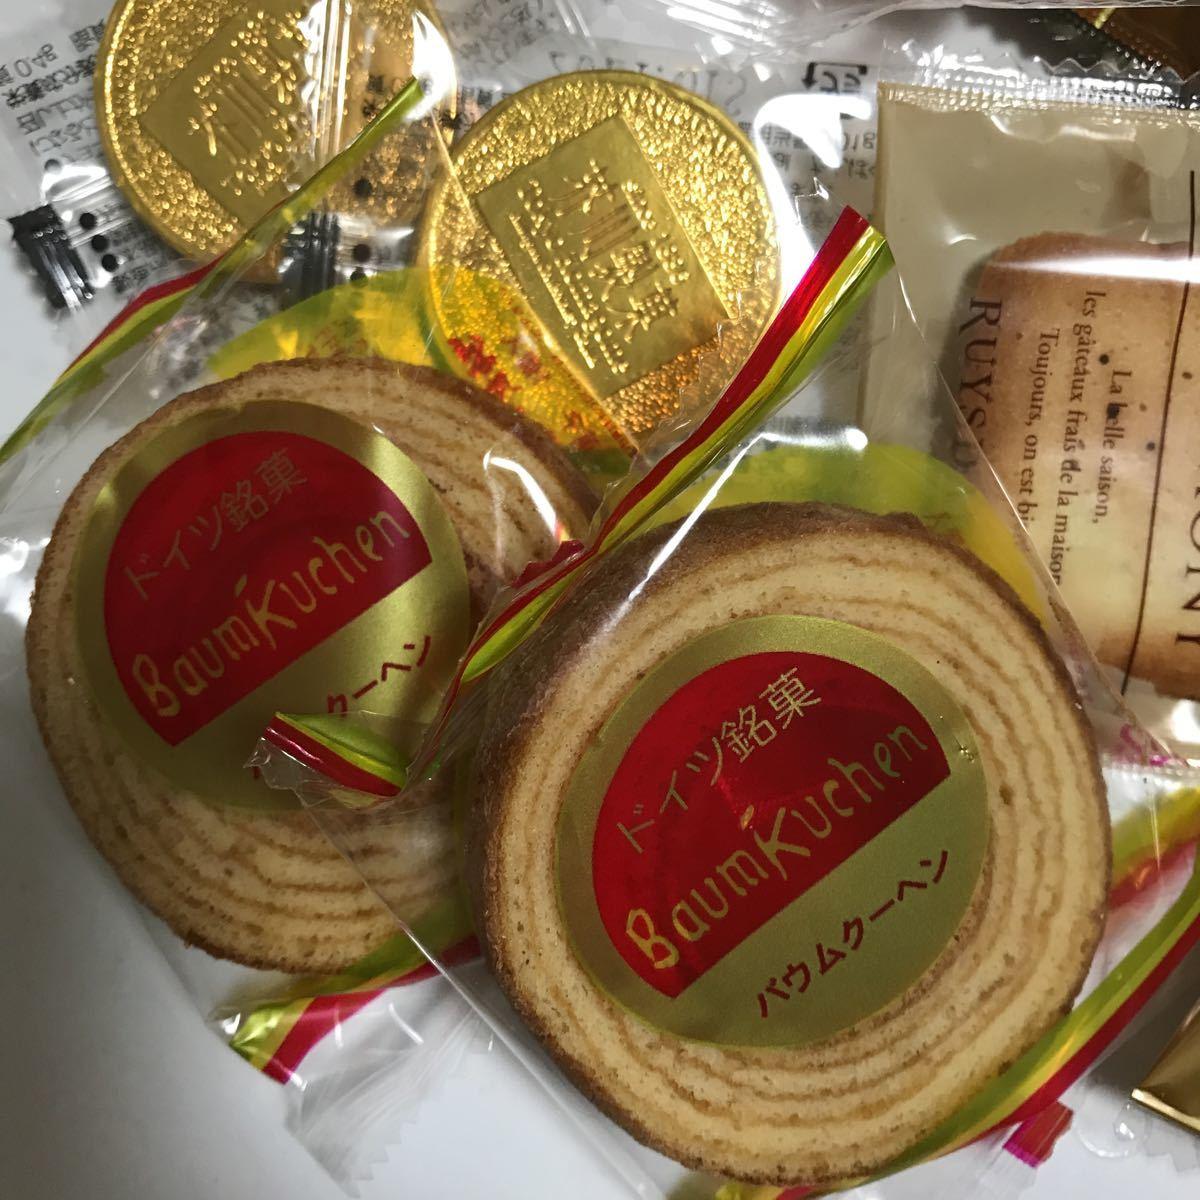 訳あり1円スタート!レーズンサンド、ロイスダール クッキー入りお菓子詰め合わせ お買い得 格安_画像9